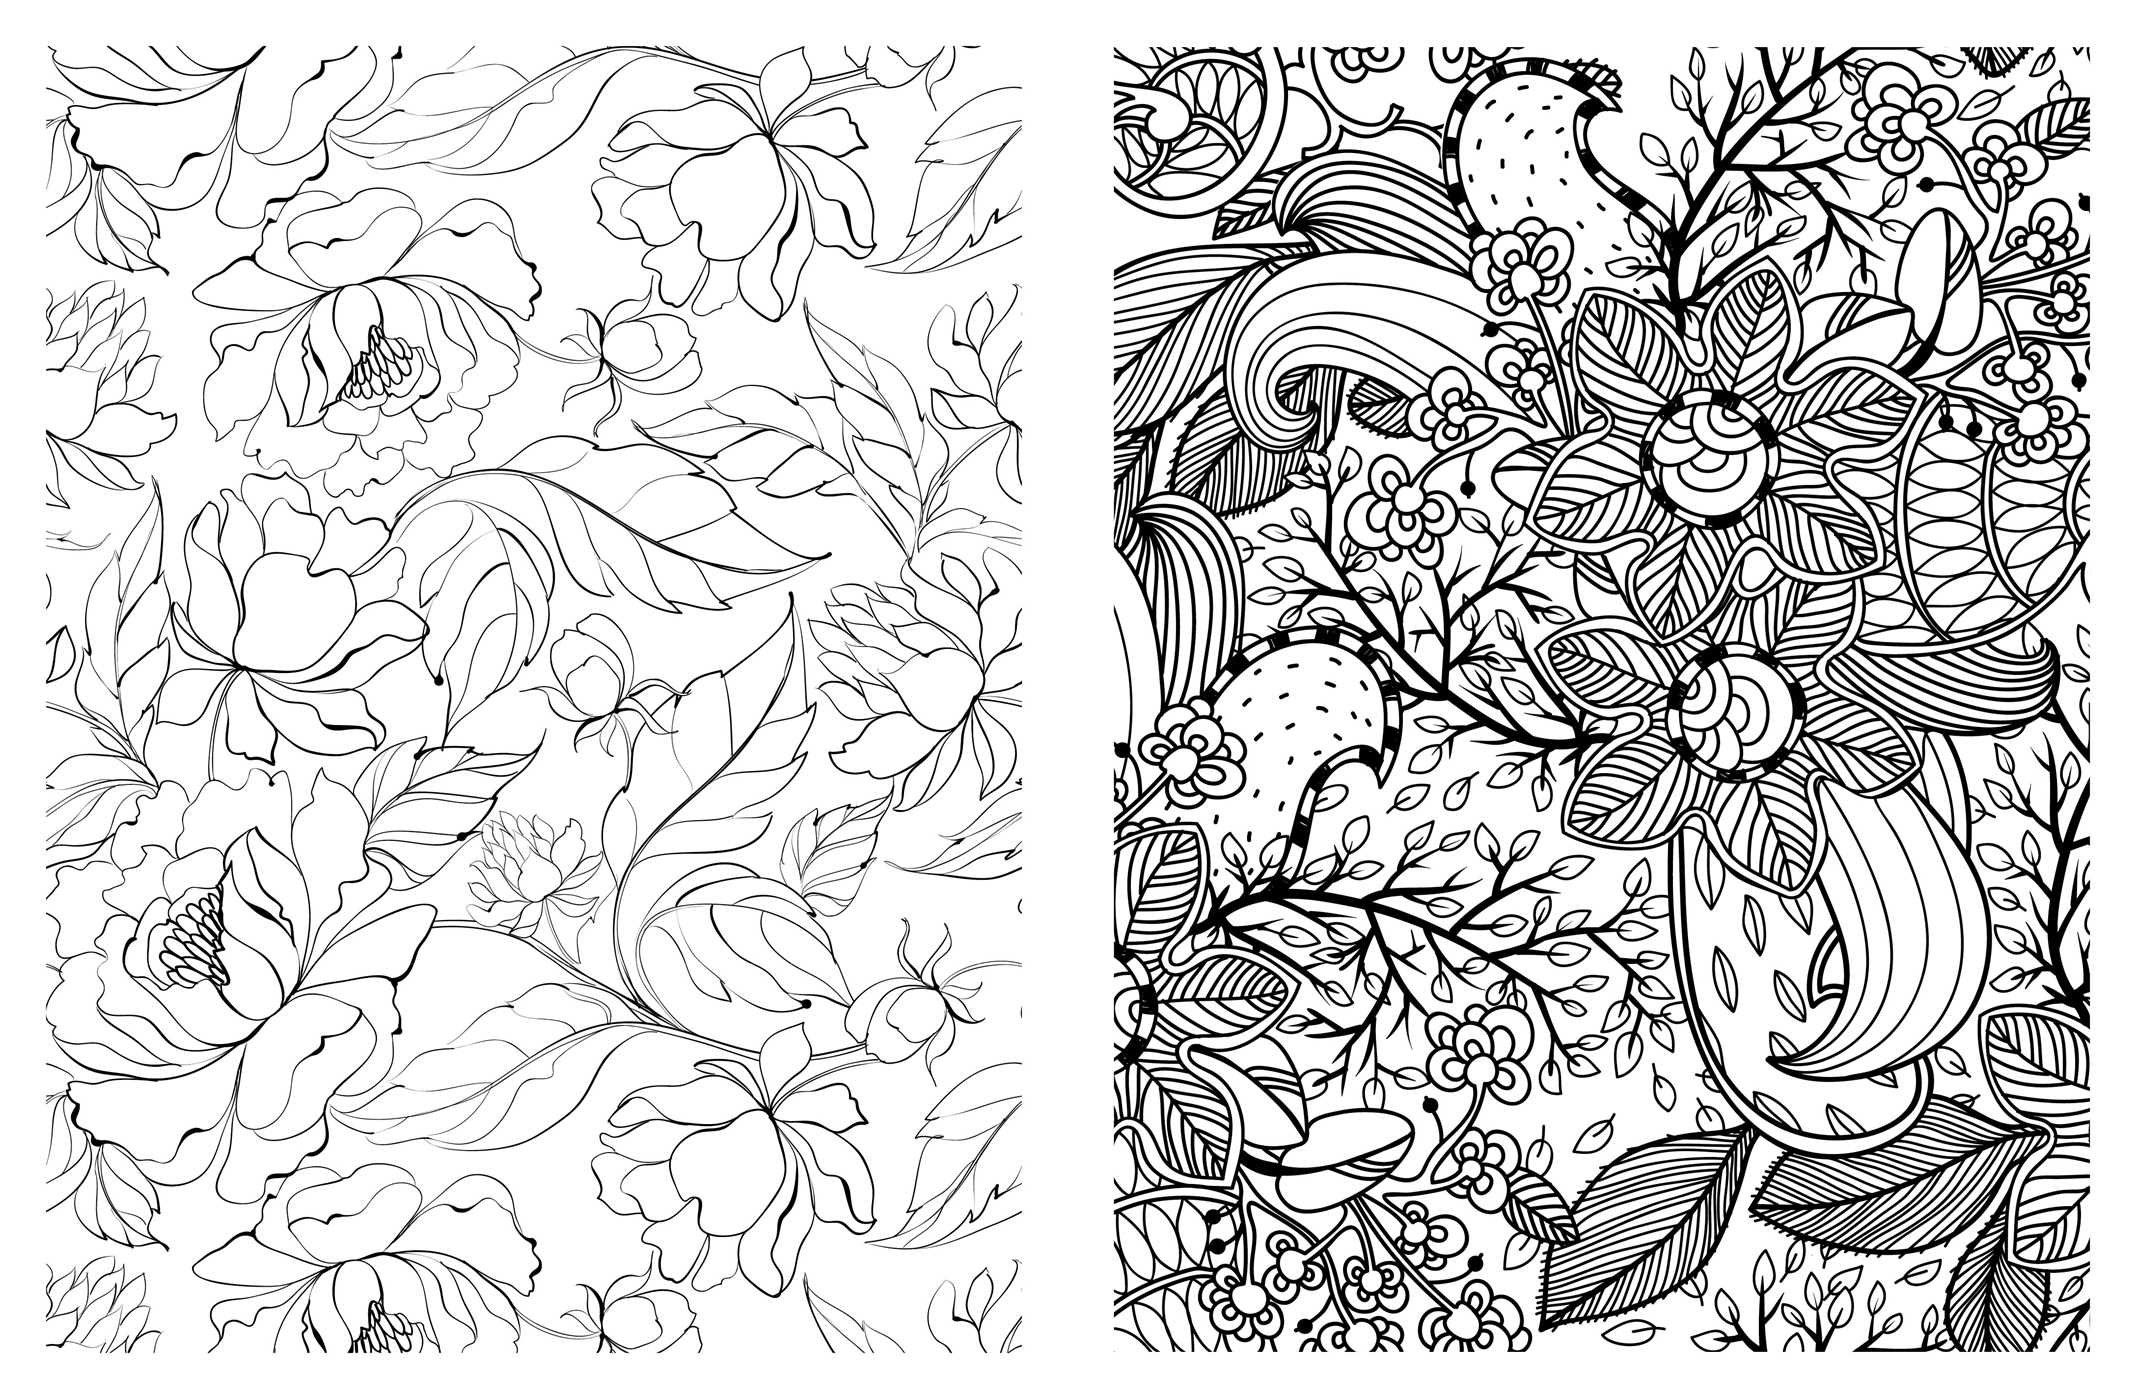 2136x1399 Posh Adult Coloring Book Pretty Designs For Fun